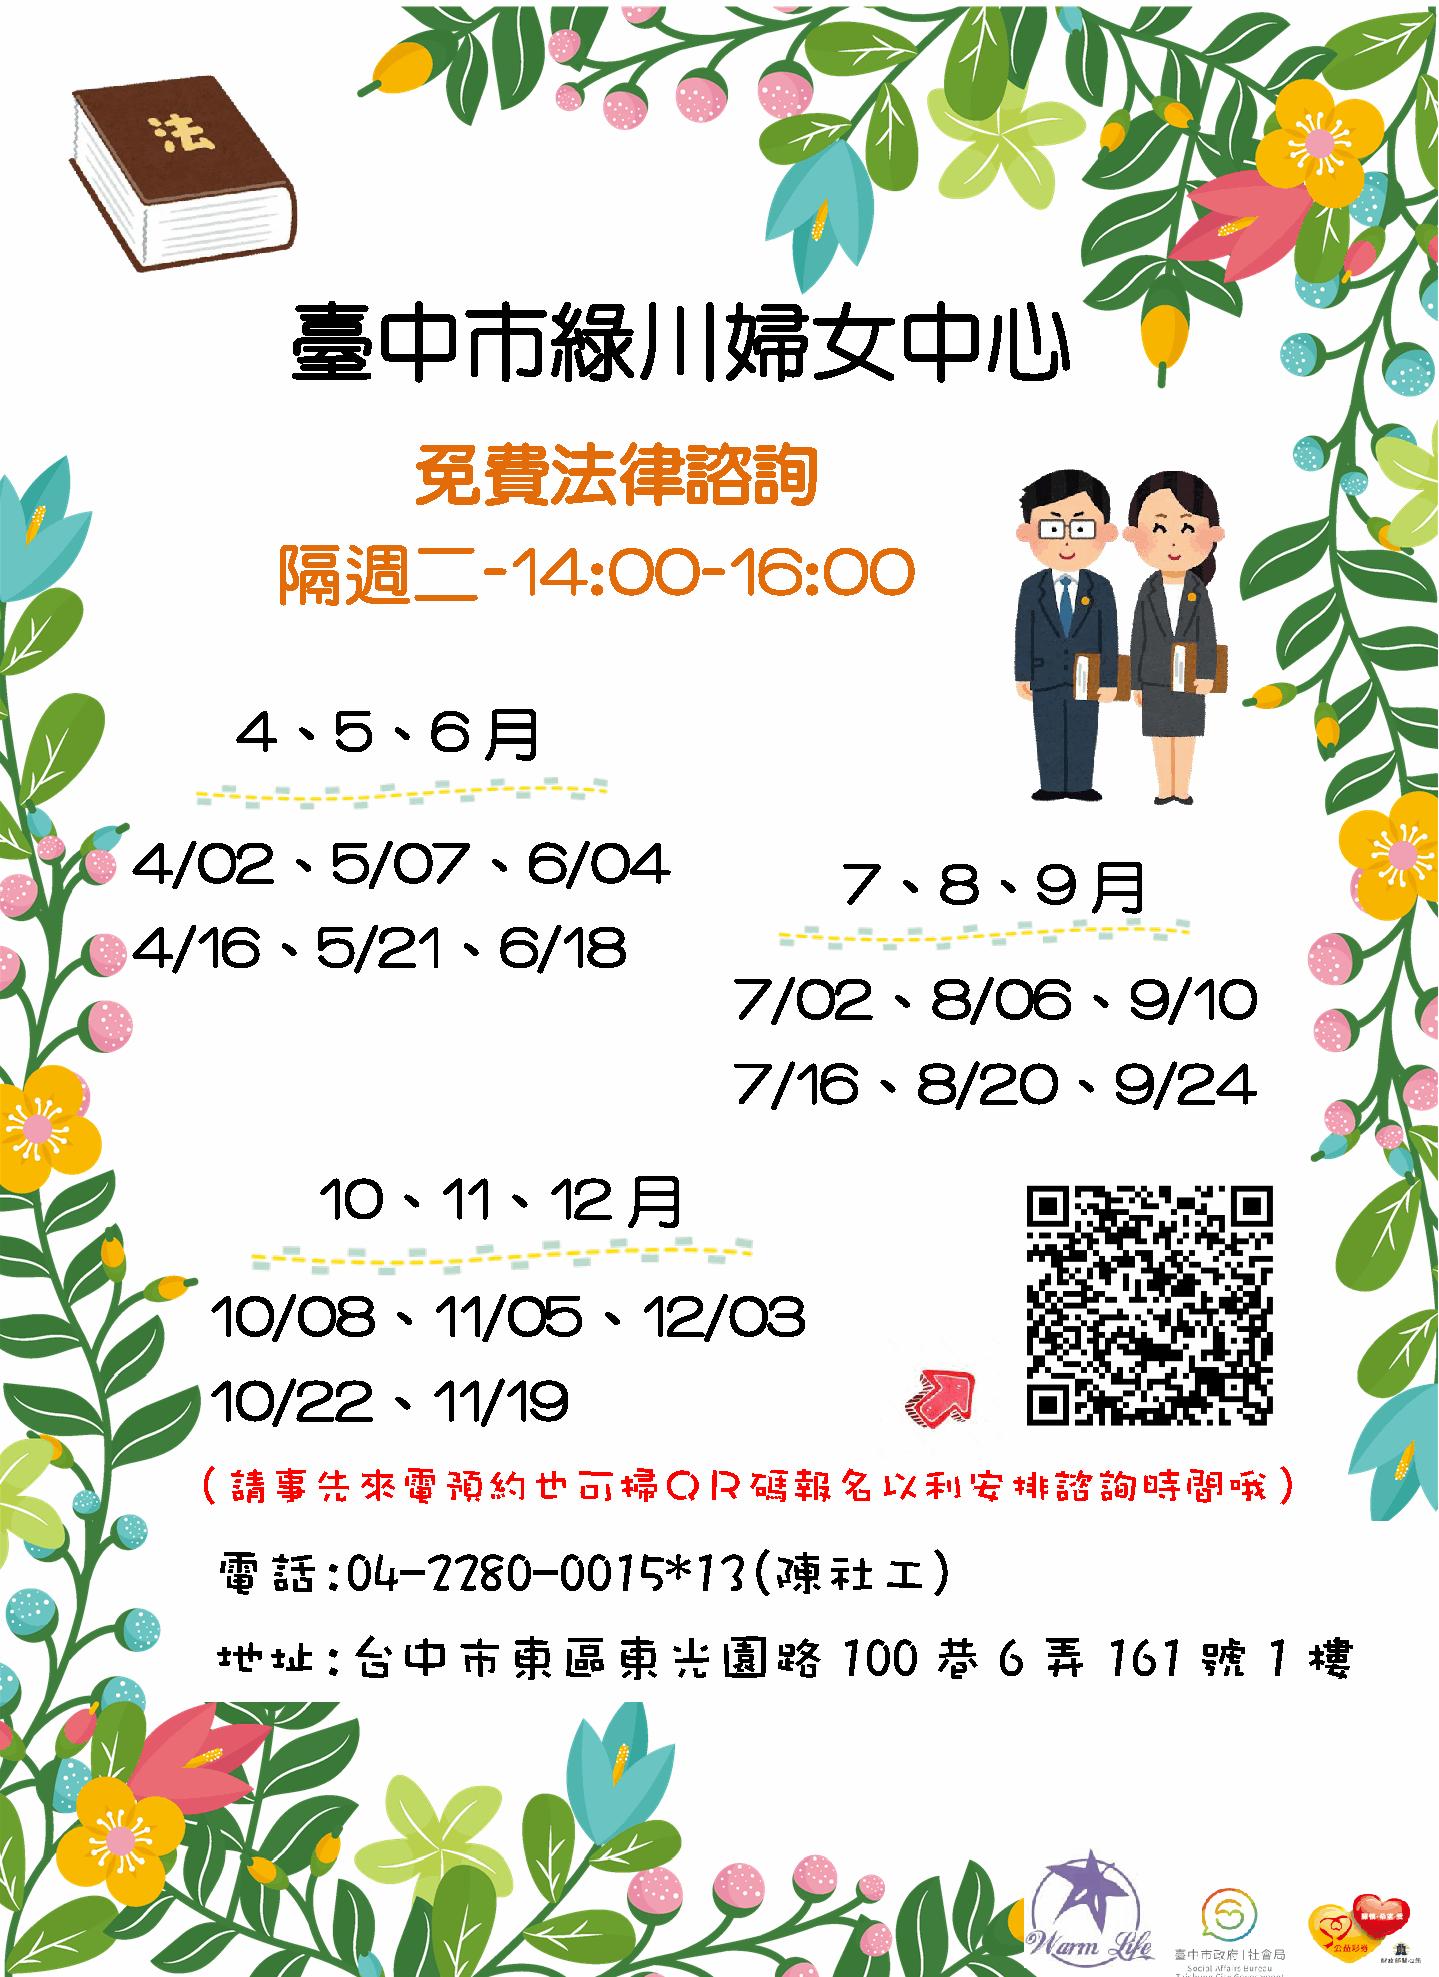 夾報-全年度日期02.21(0819更新版)